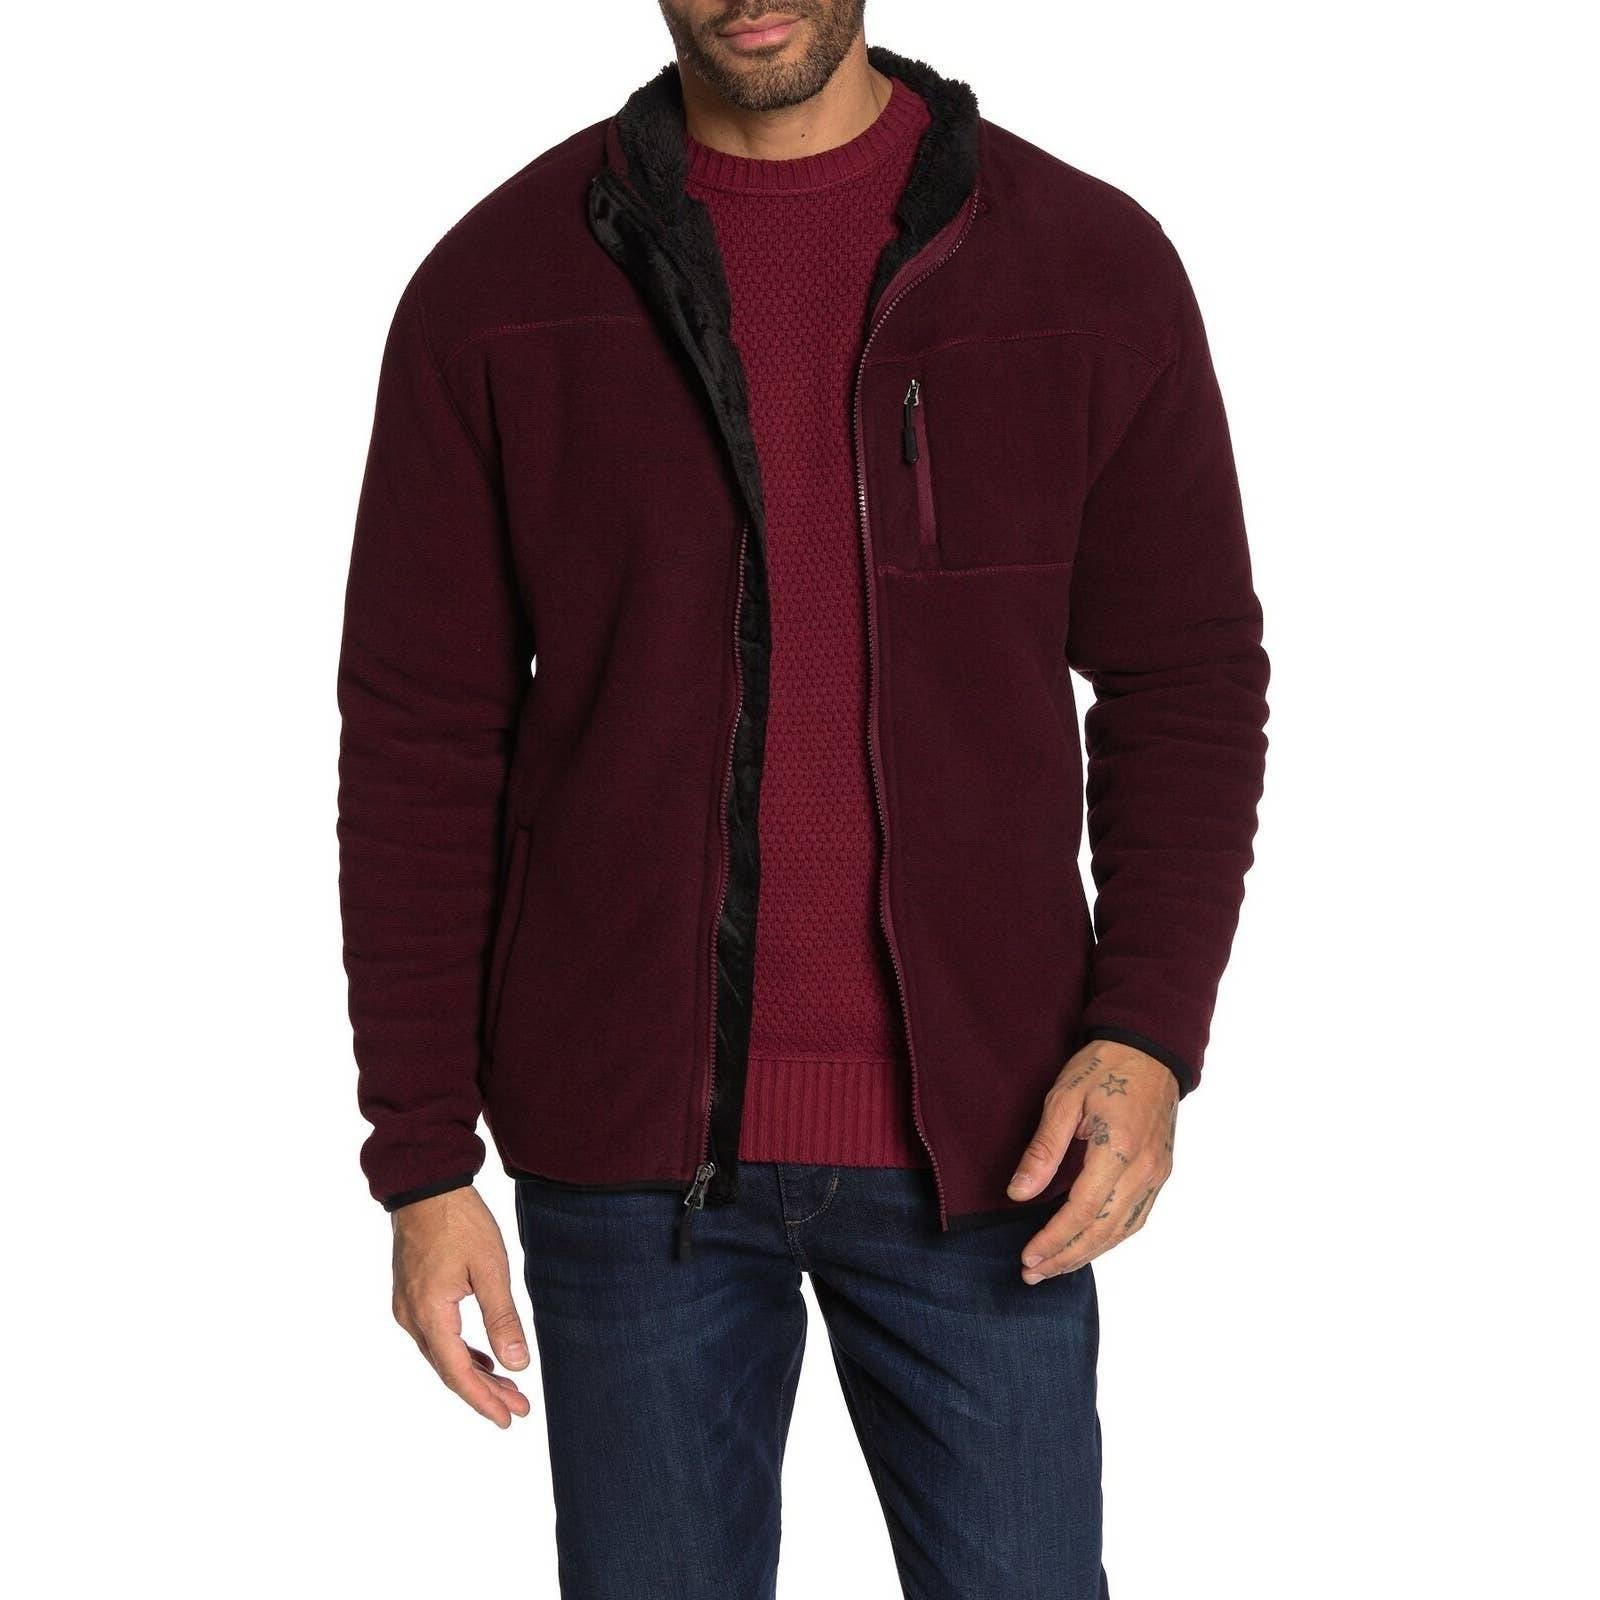 Weatherproof Mens Hooded Sweater Large